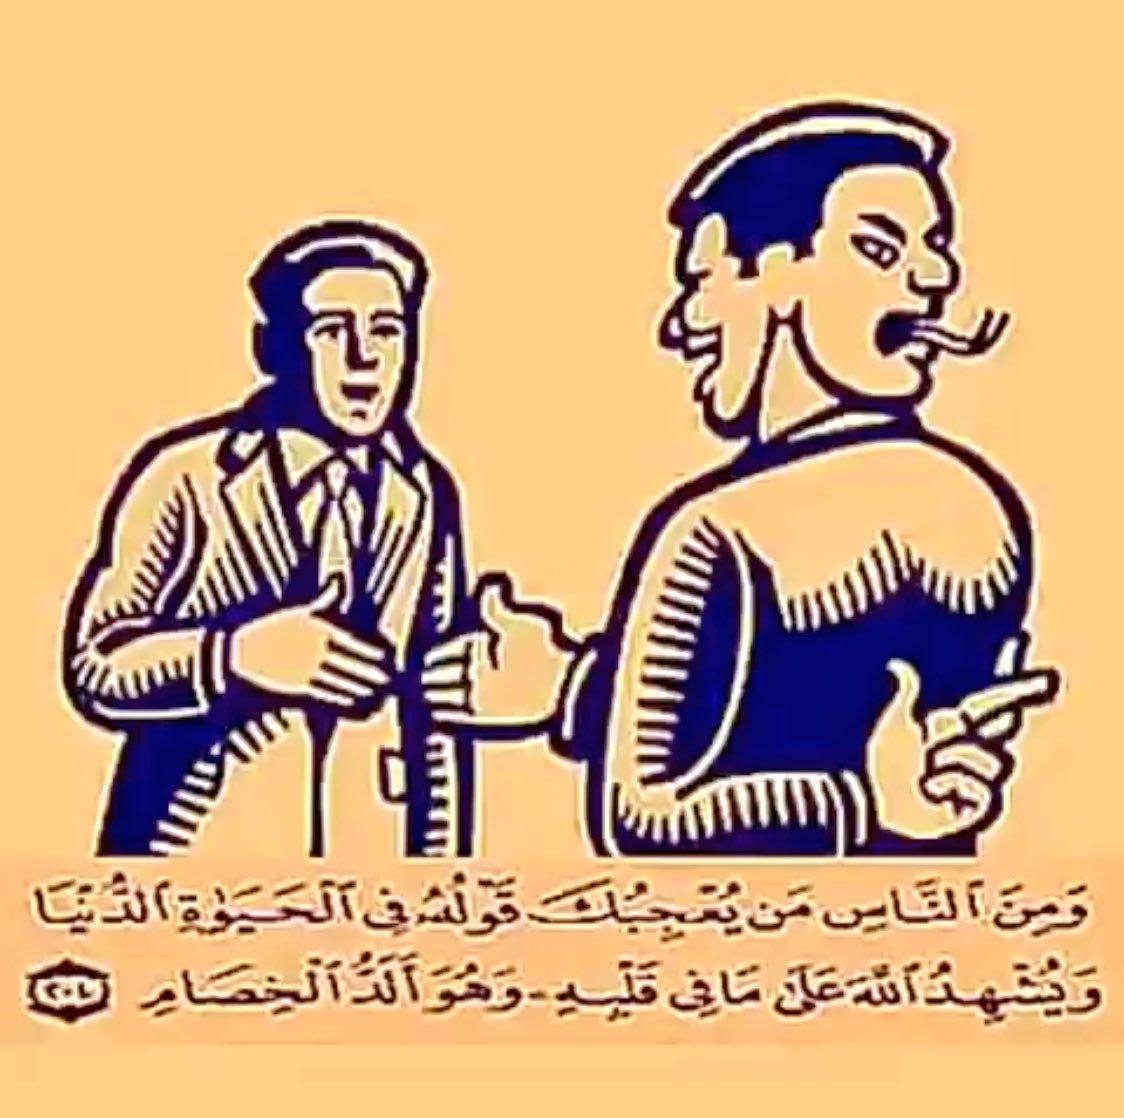 الجوهرة En Twitter صفه ماتحبها المنافق ابو وجهين يكثرهم بحياتي